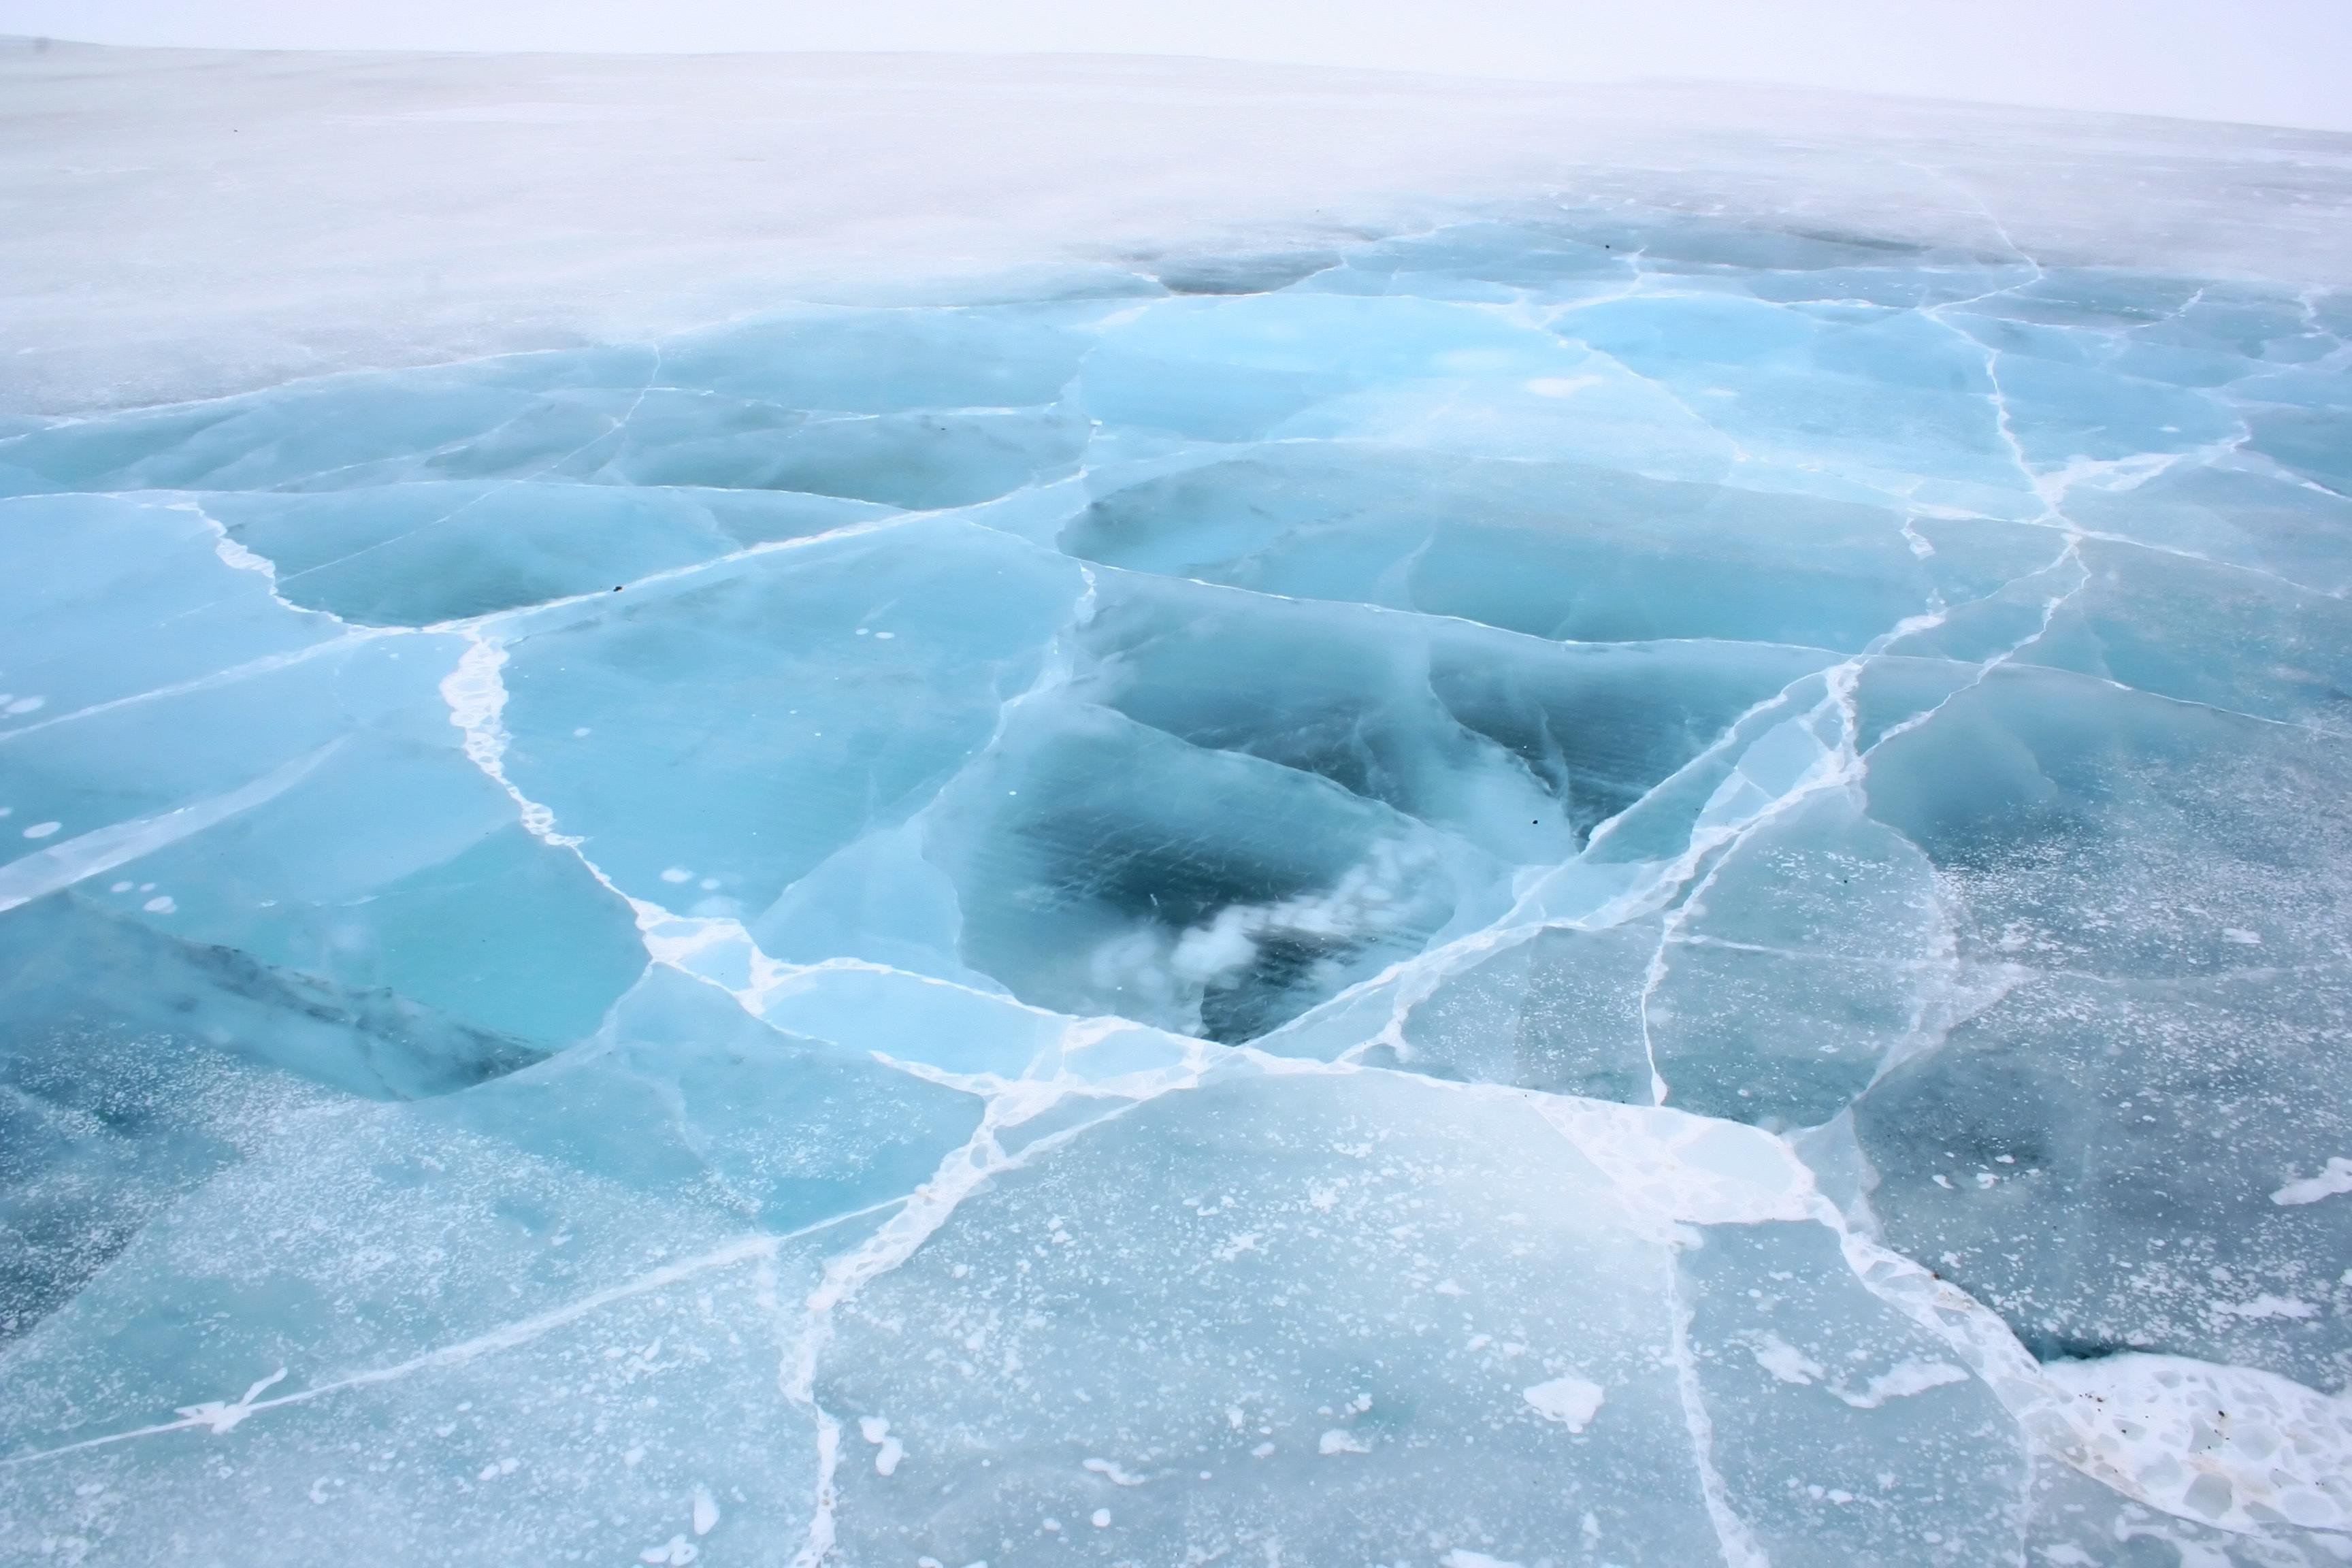 В период новогодних праздников планируется работа ледовых катков.